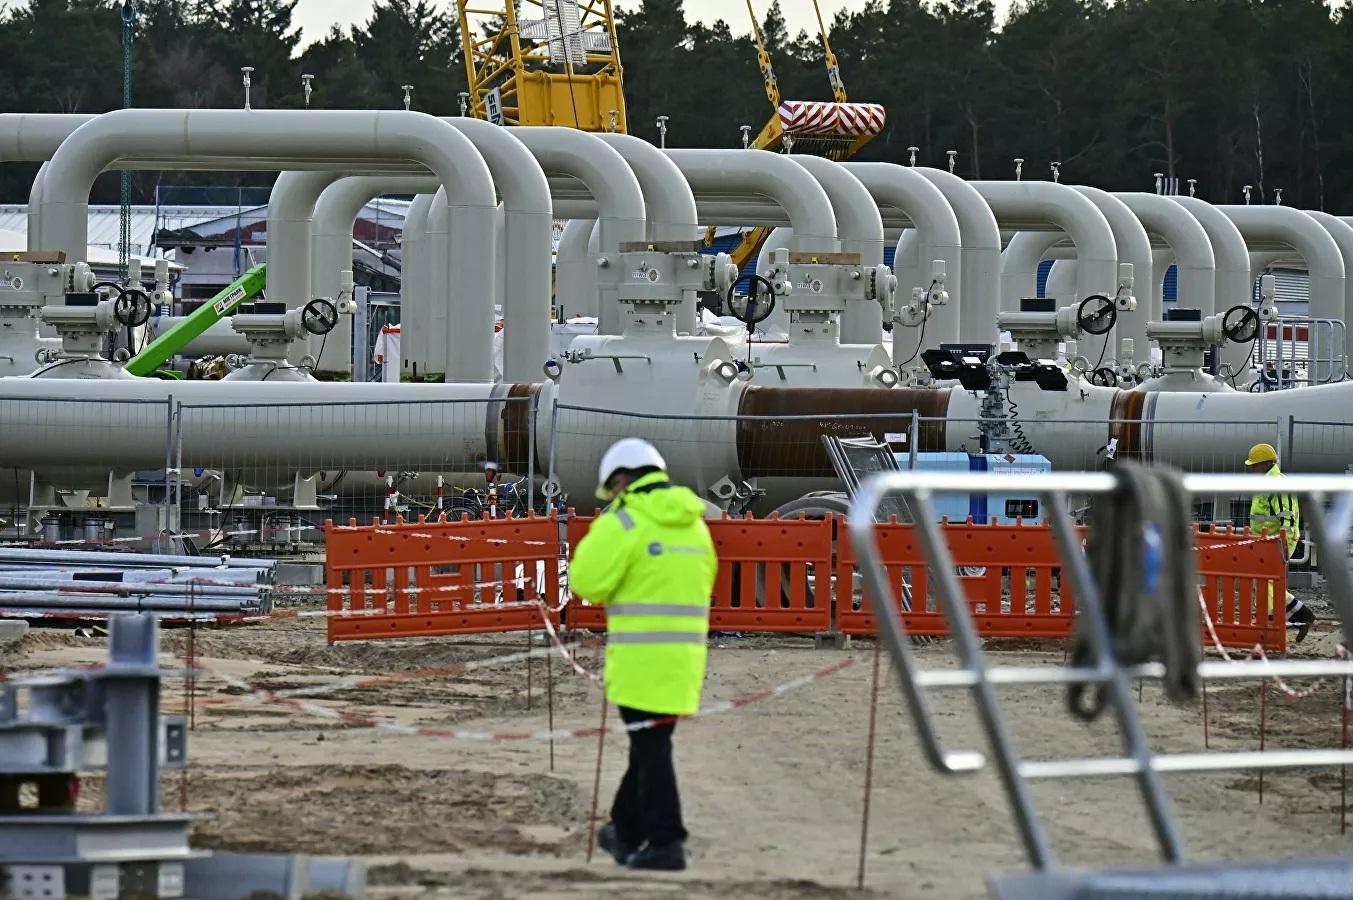 Duma Quốc gia Nga thông báo 'nóng' về Nord Stream 2, Mỹ nói gì?